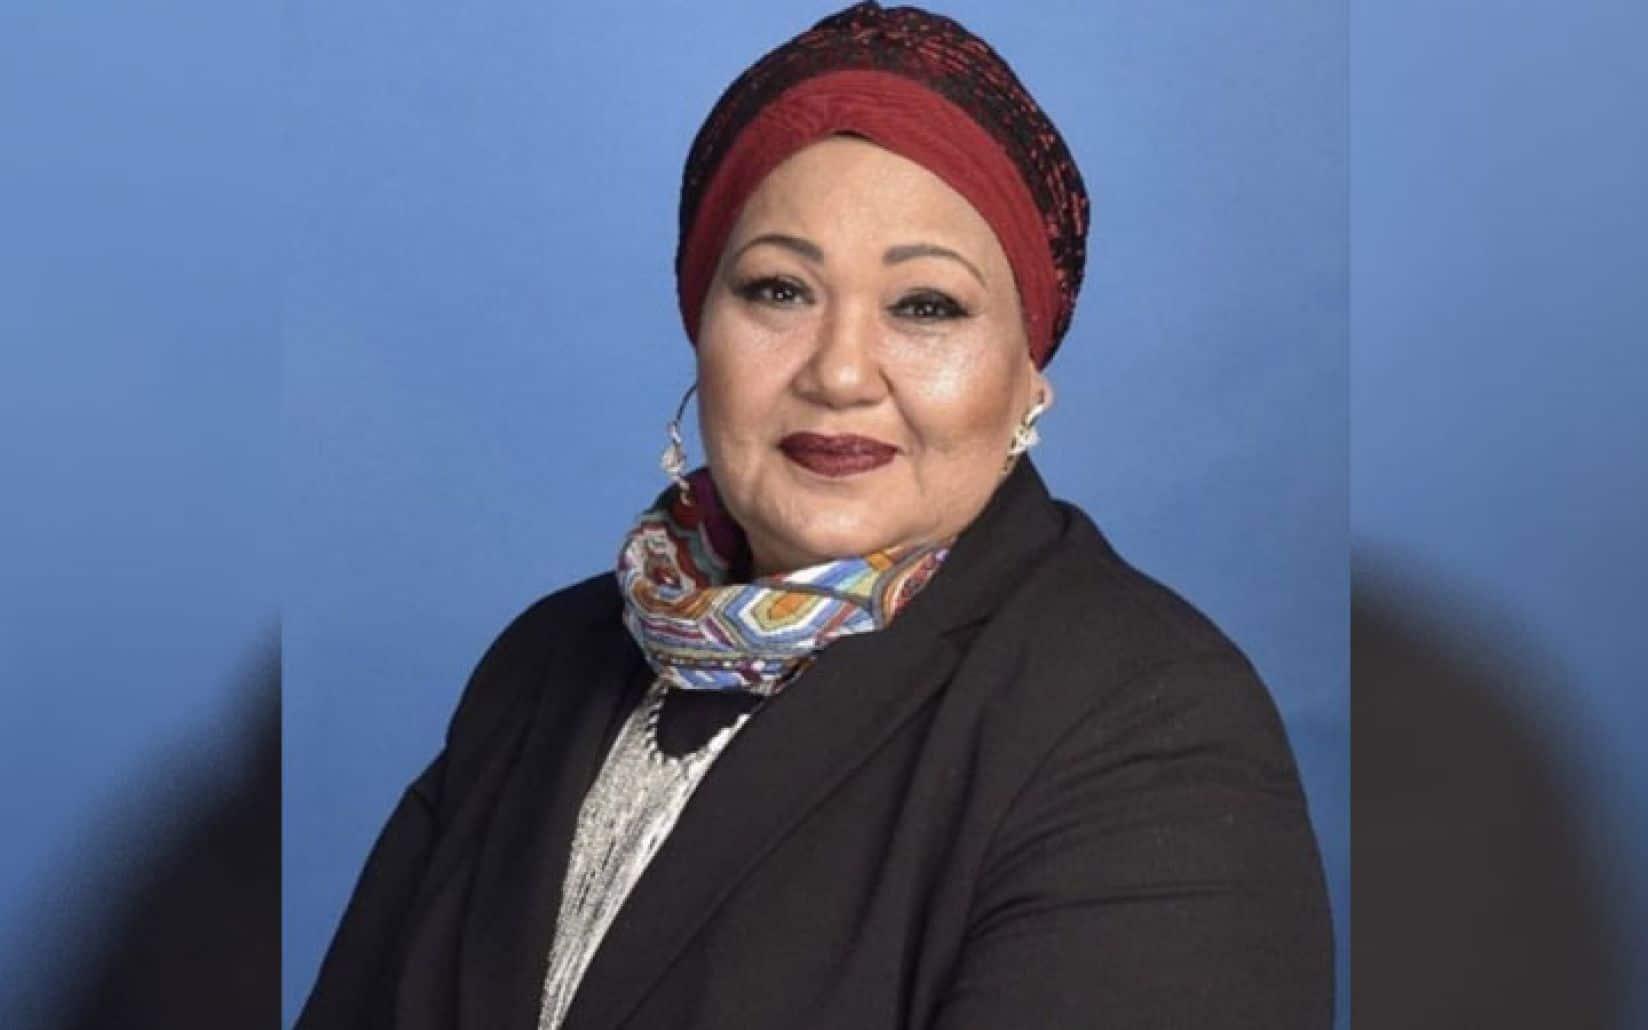 شاهدوا آخر ظهور للفنانة انتصار الشراح قبل وفاتها والكشف عن موعد وصول جثمانها للكويت